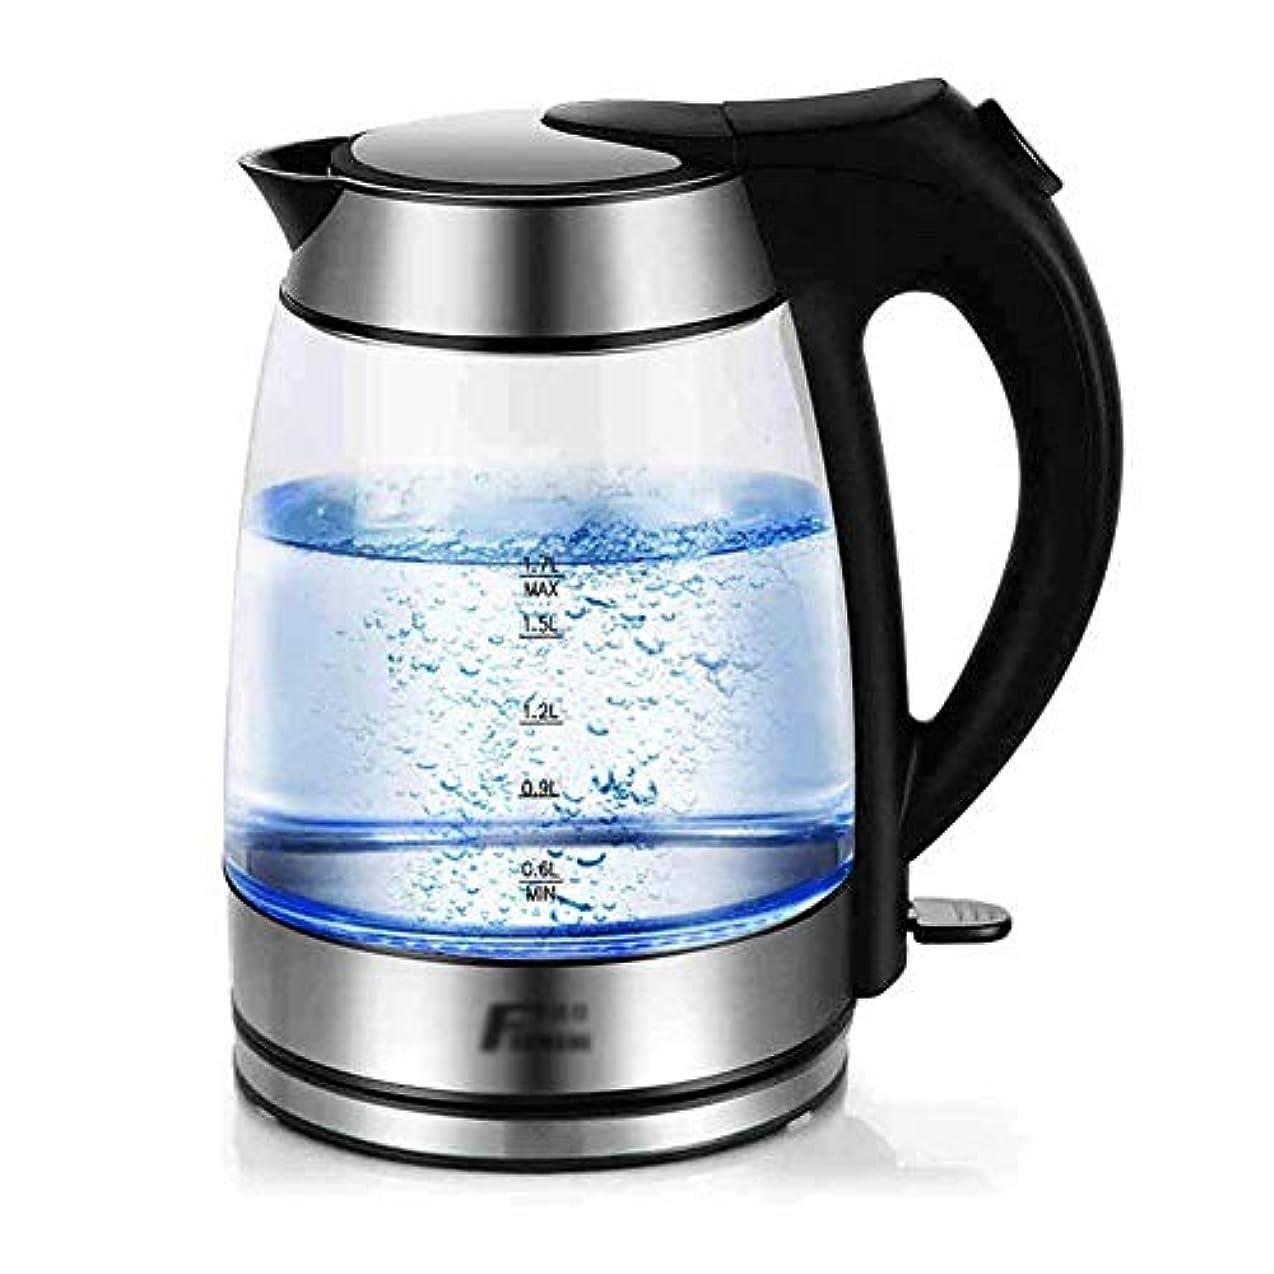 祈りプログラムカメSHYPT 電気水やかんガラス二重壁コードレスブルー1.7L 1850W茶やかん、高速水ボイラー、自動シャットオフ、沸騰乾燥防止